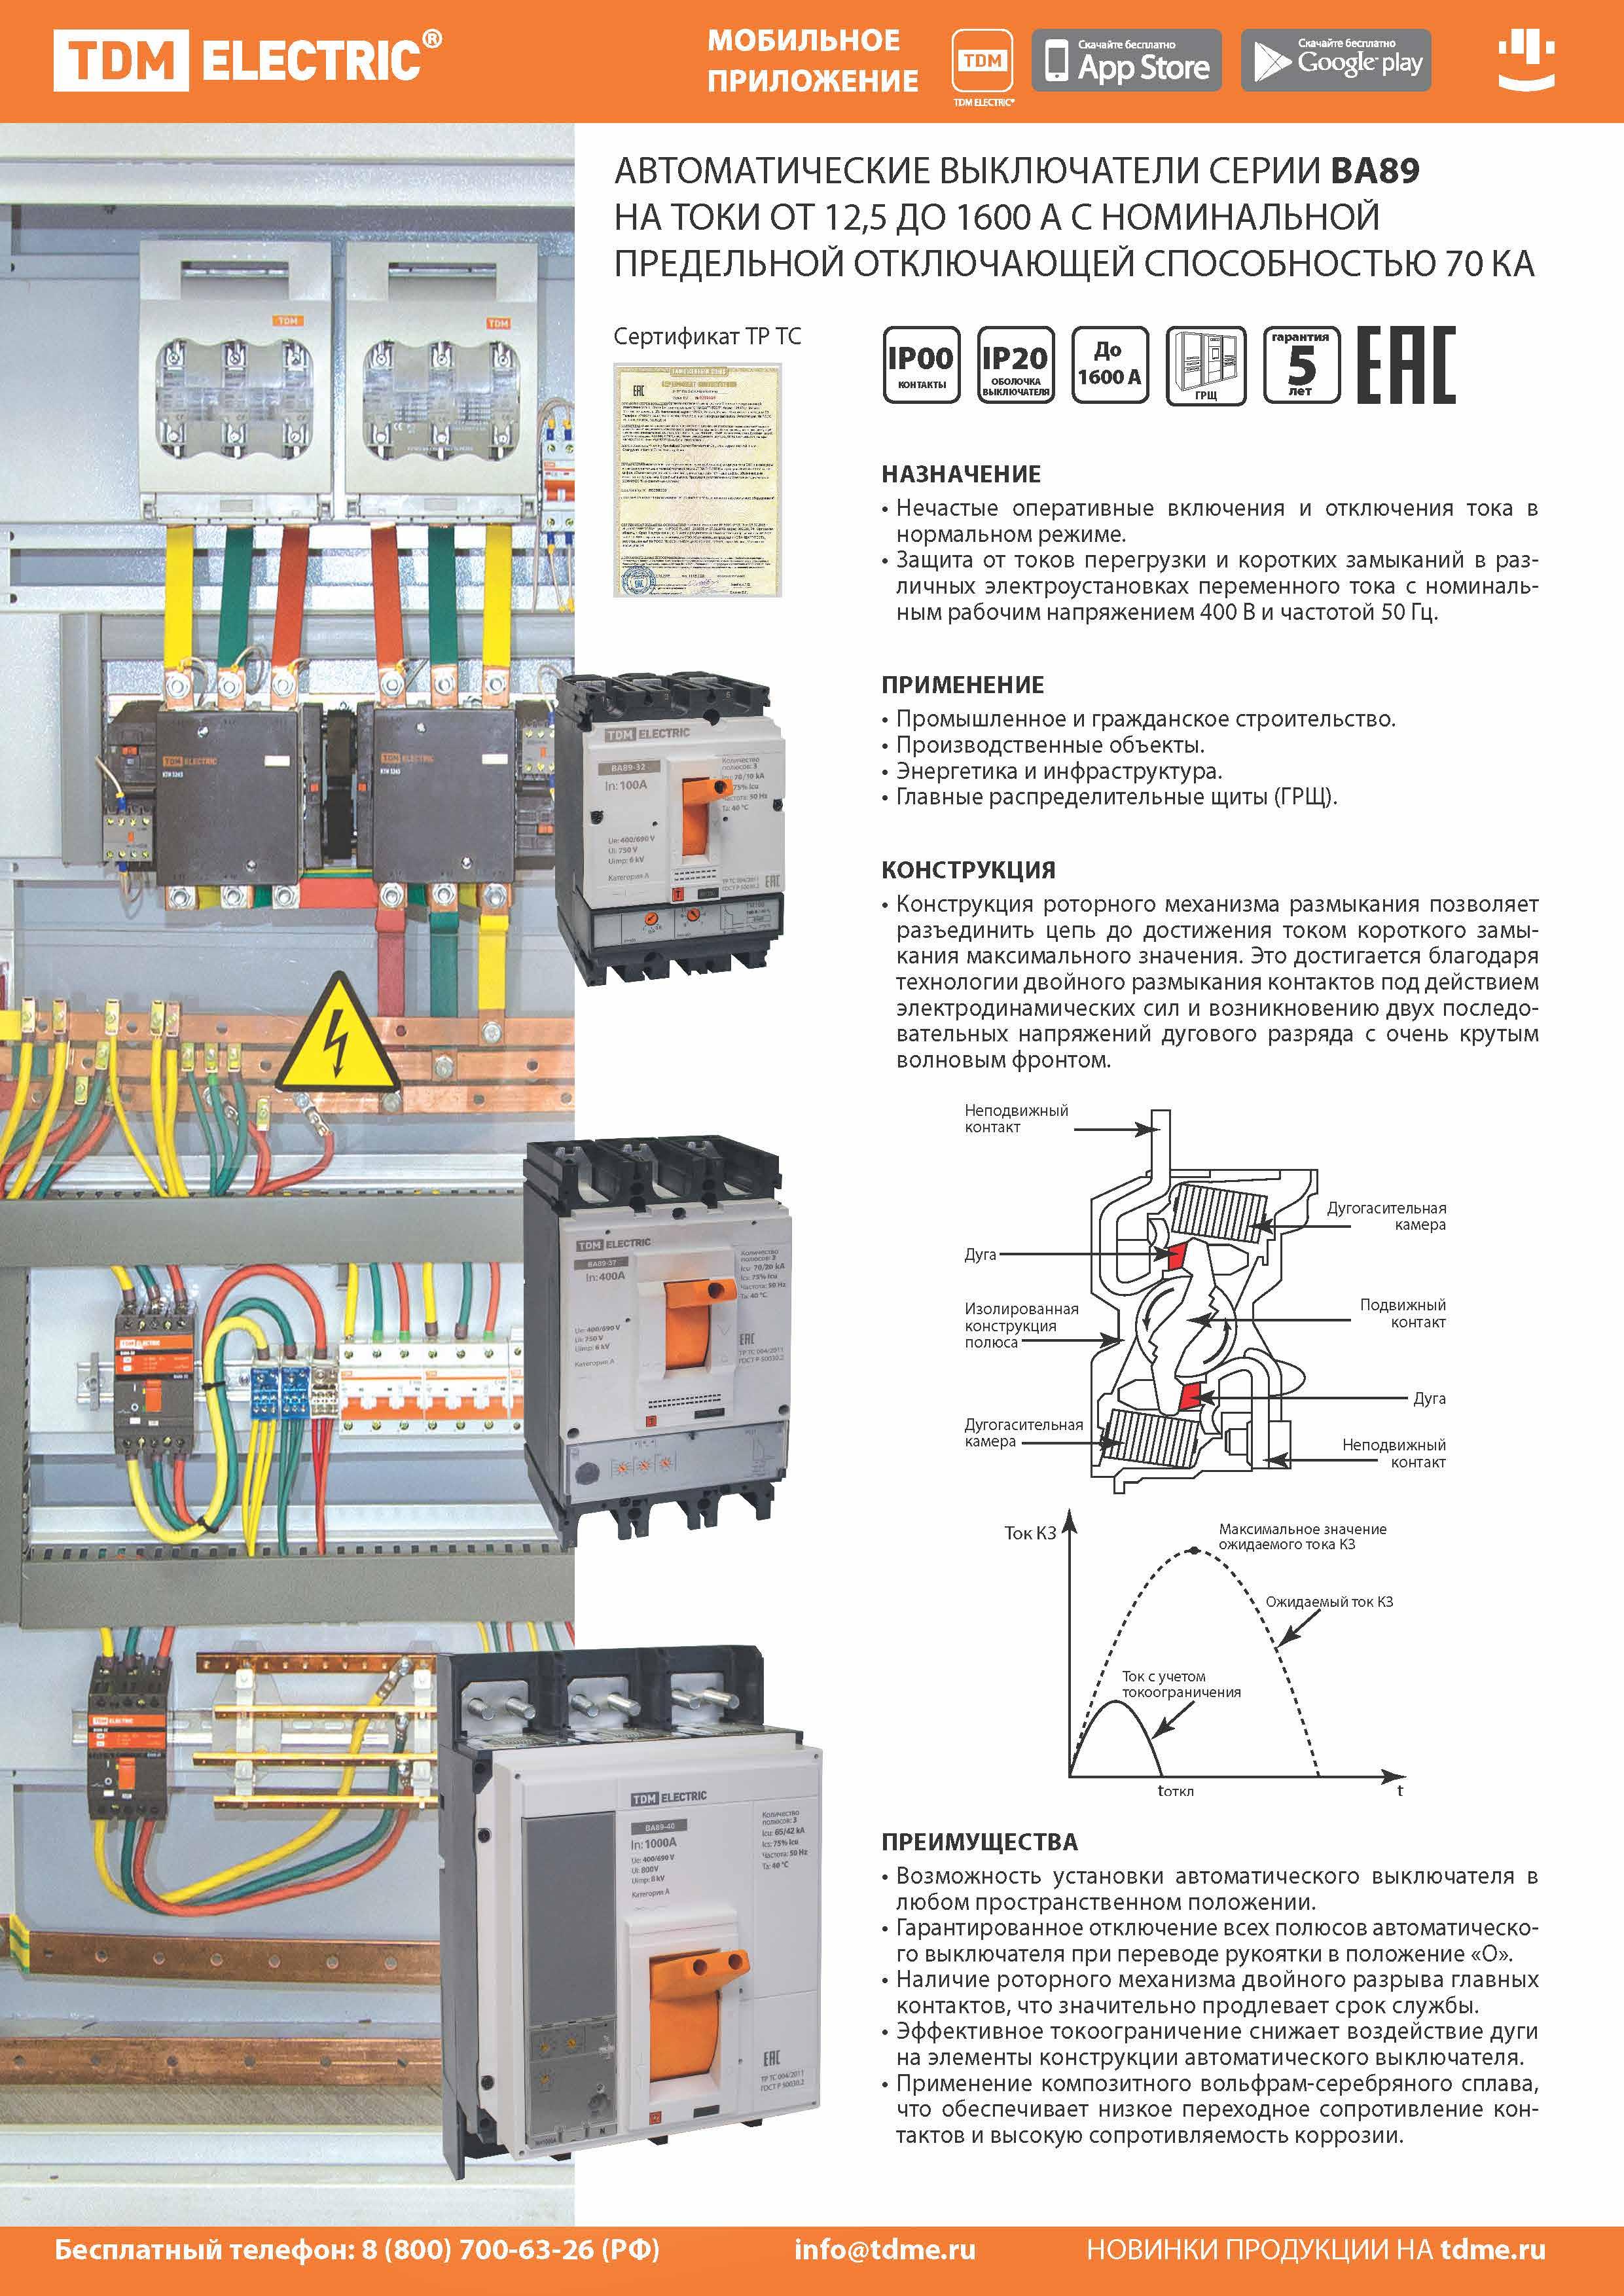 Автоматический выключатель ВА89-32 3Р 63А 70кА TDM